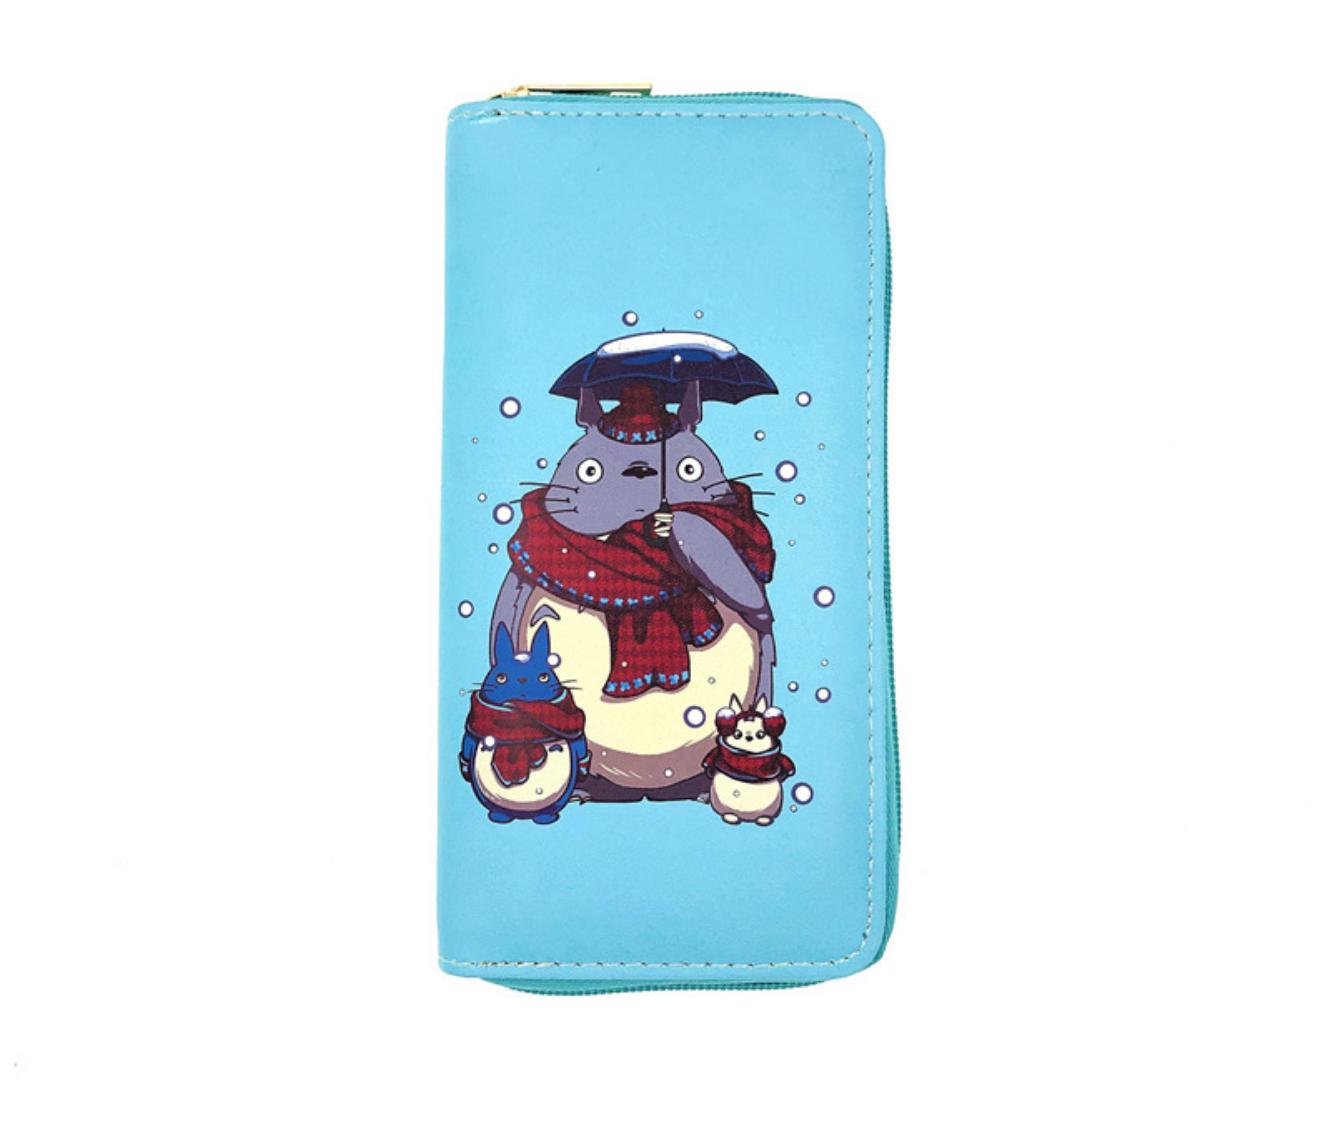 JR-708 Totoro Umbrella Wallet